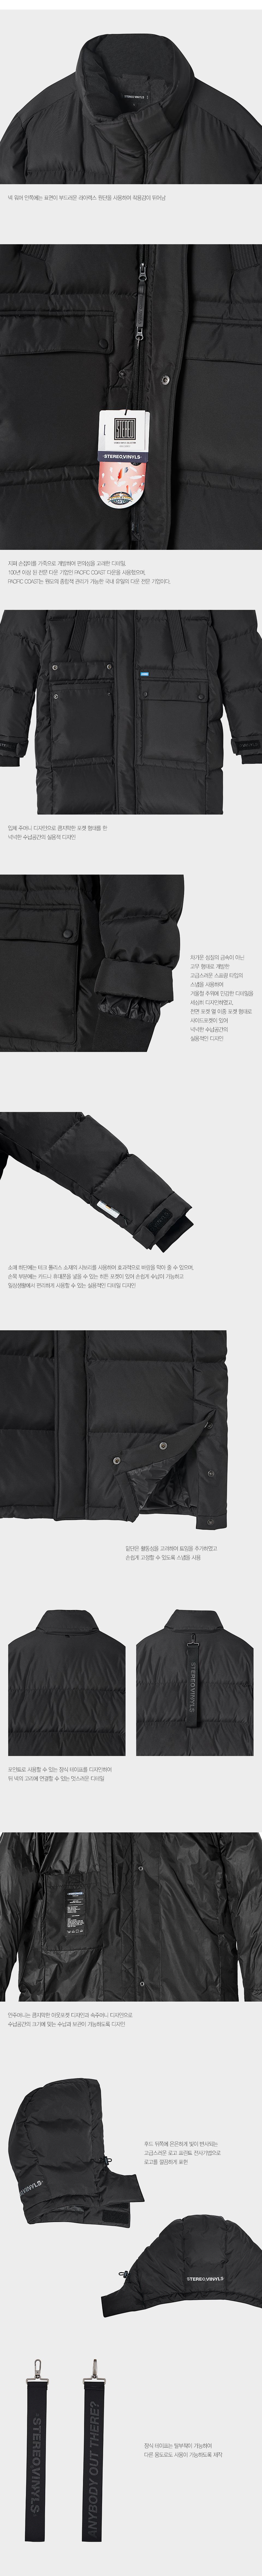 스테레오 바이널즈(STEREO VINYLS) [AW17] Bench Long Down Parka(Black)